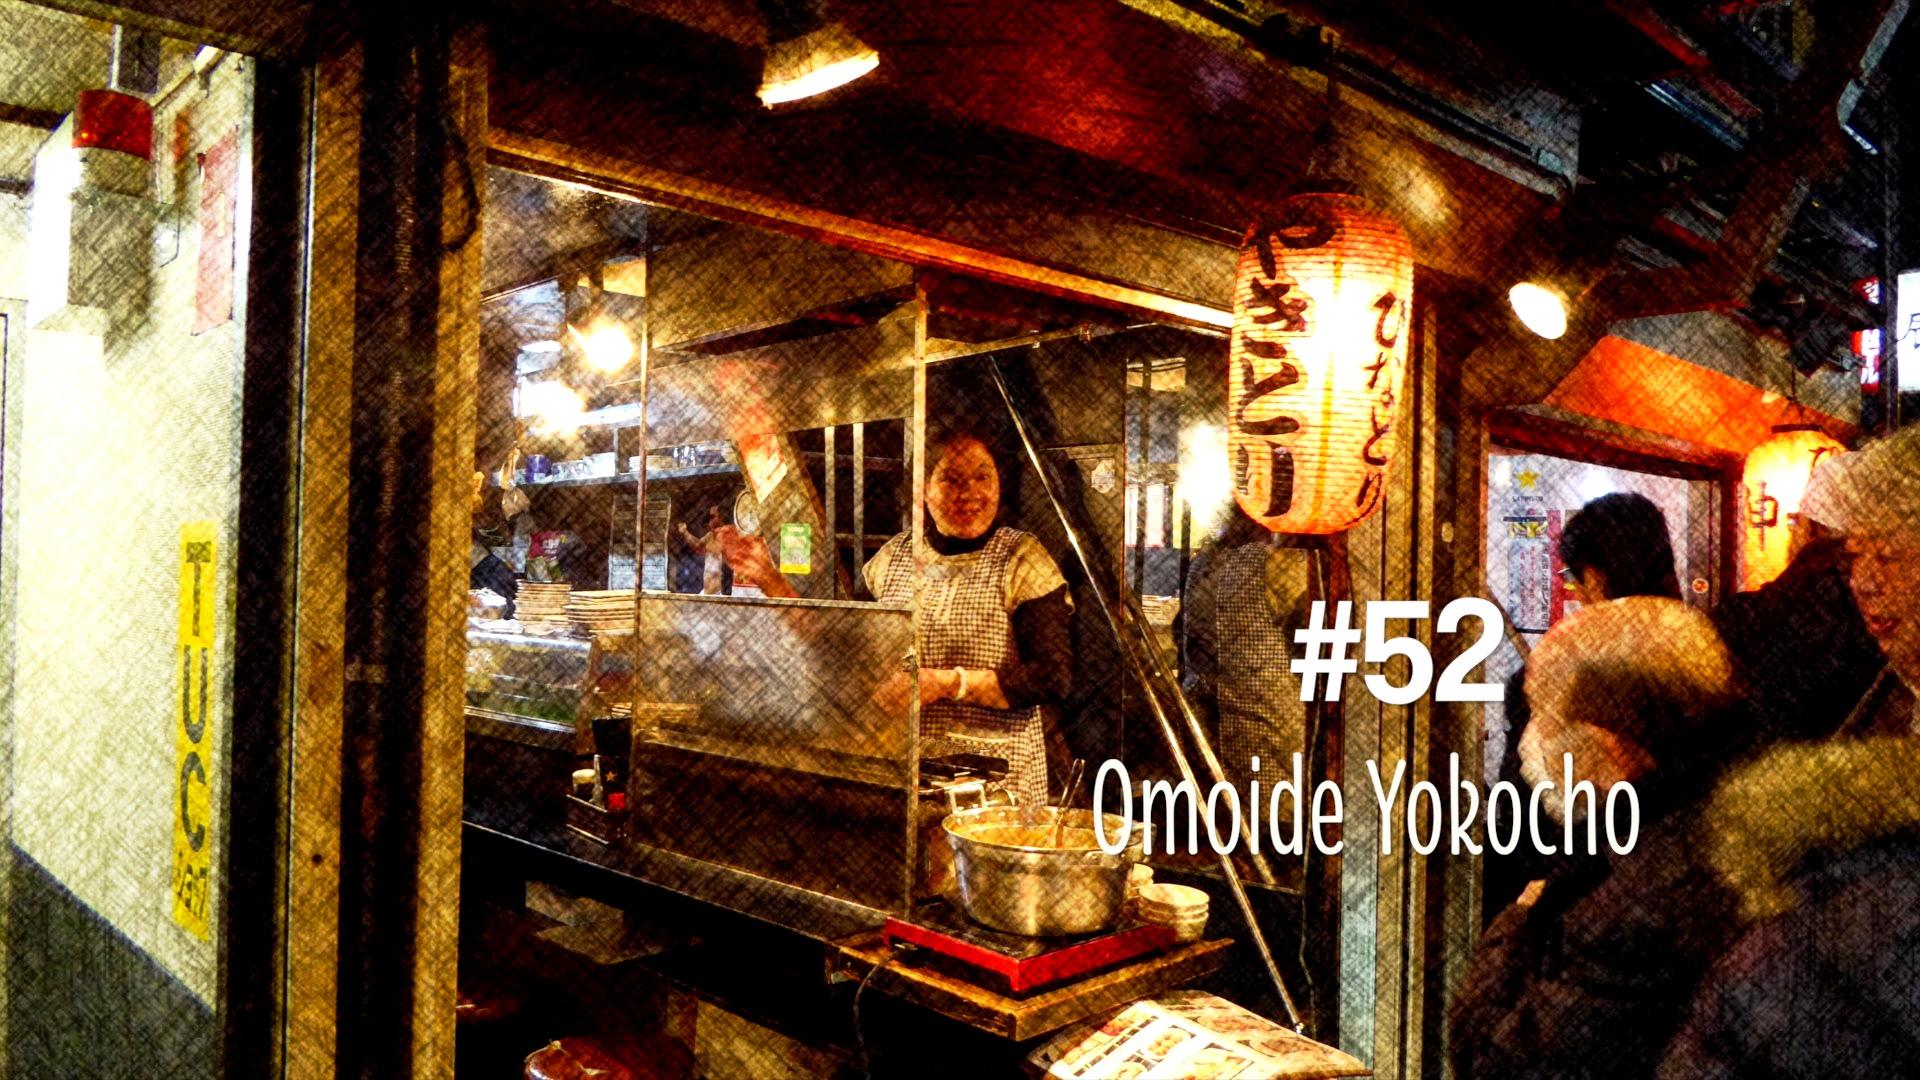 La ruelle Omoide Yokocho à Tokyo (#52)